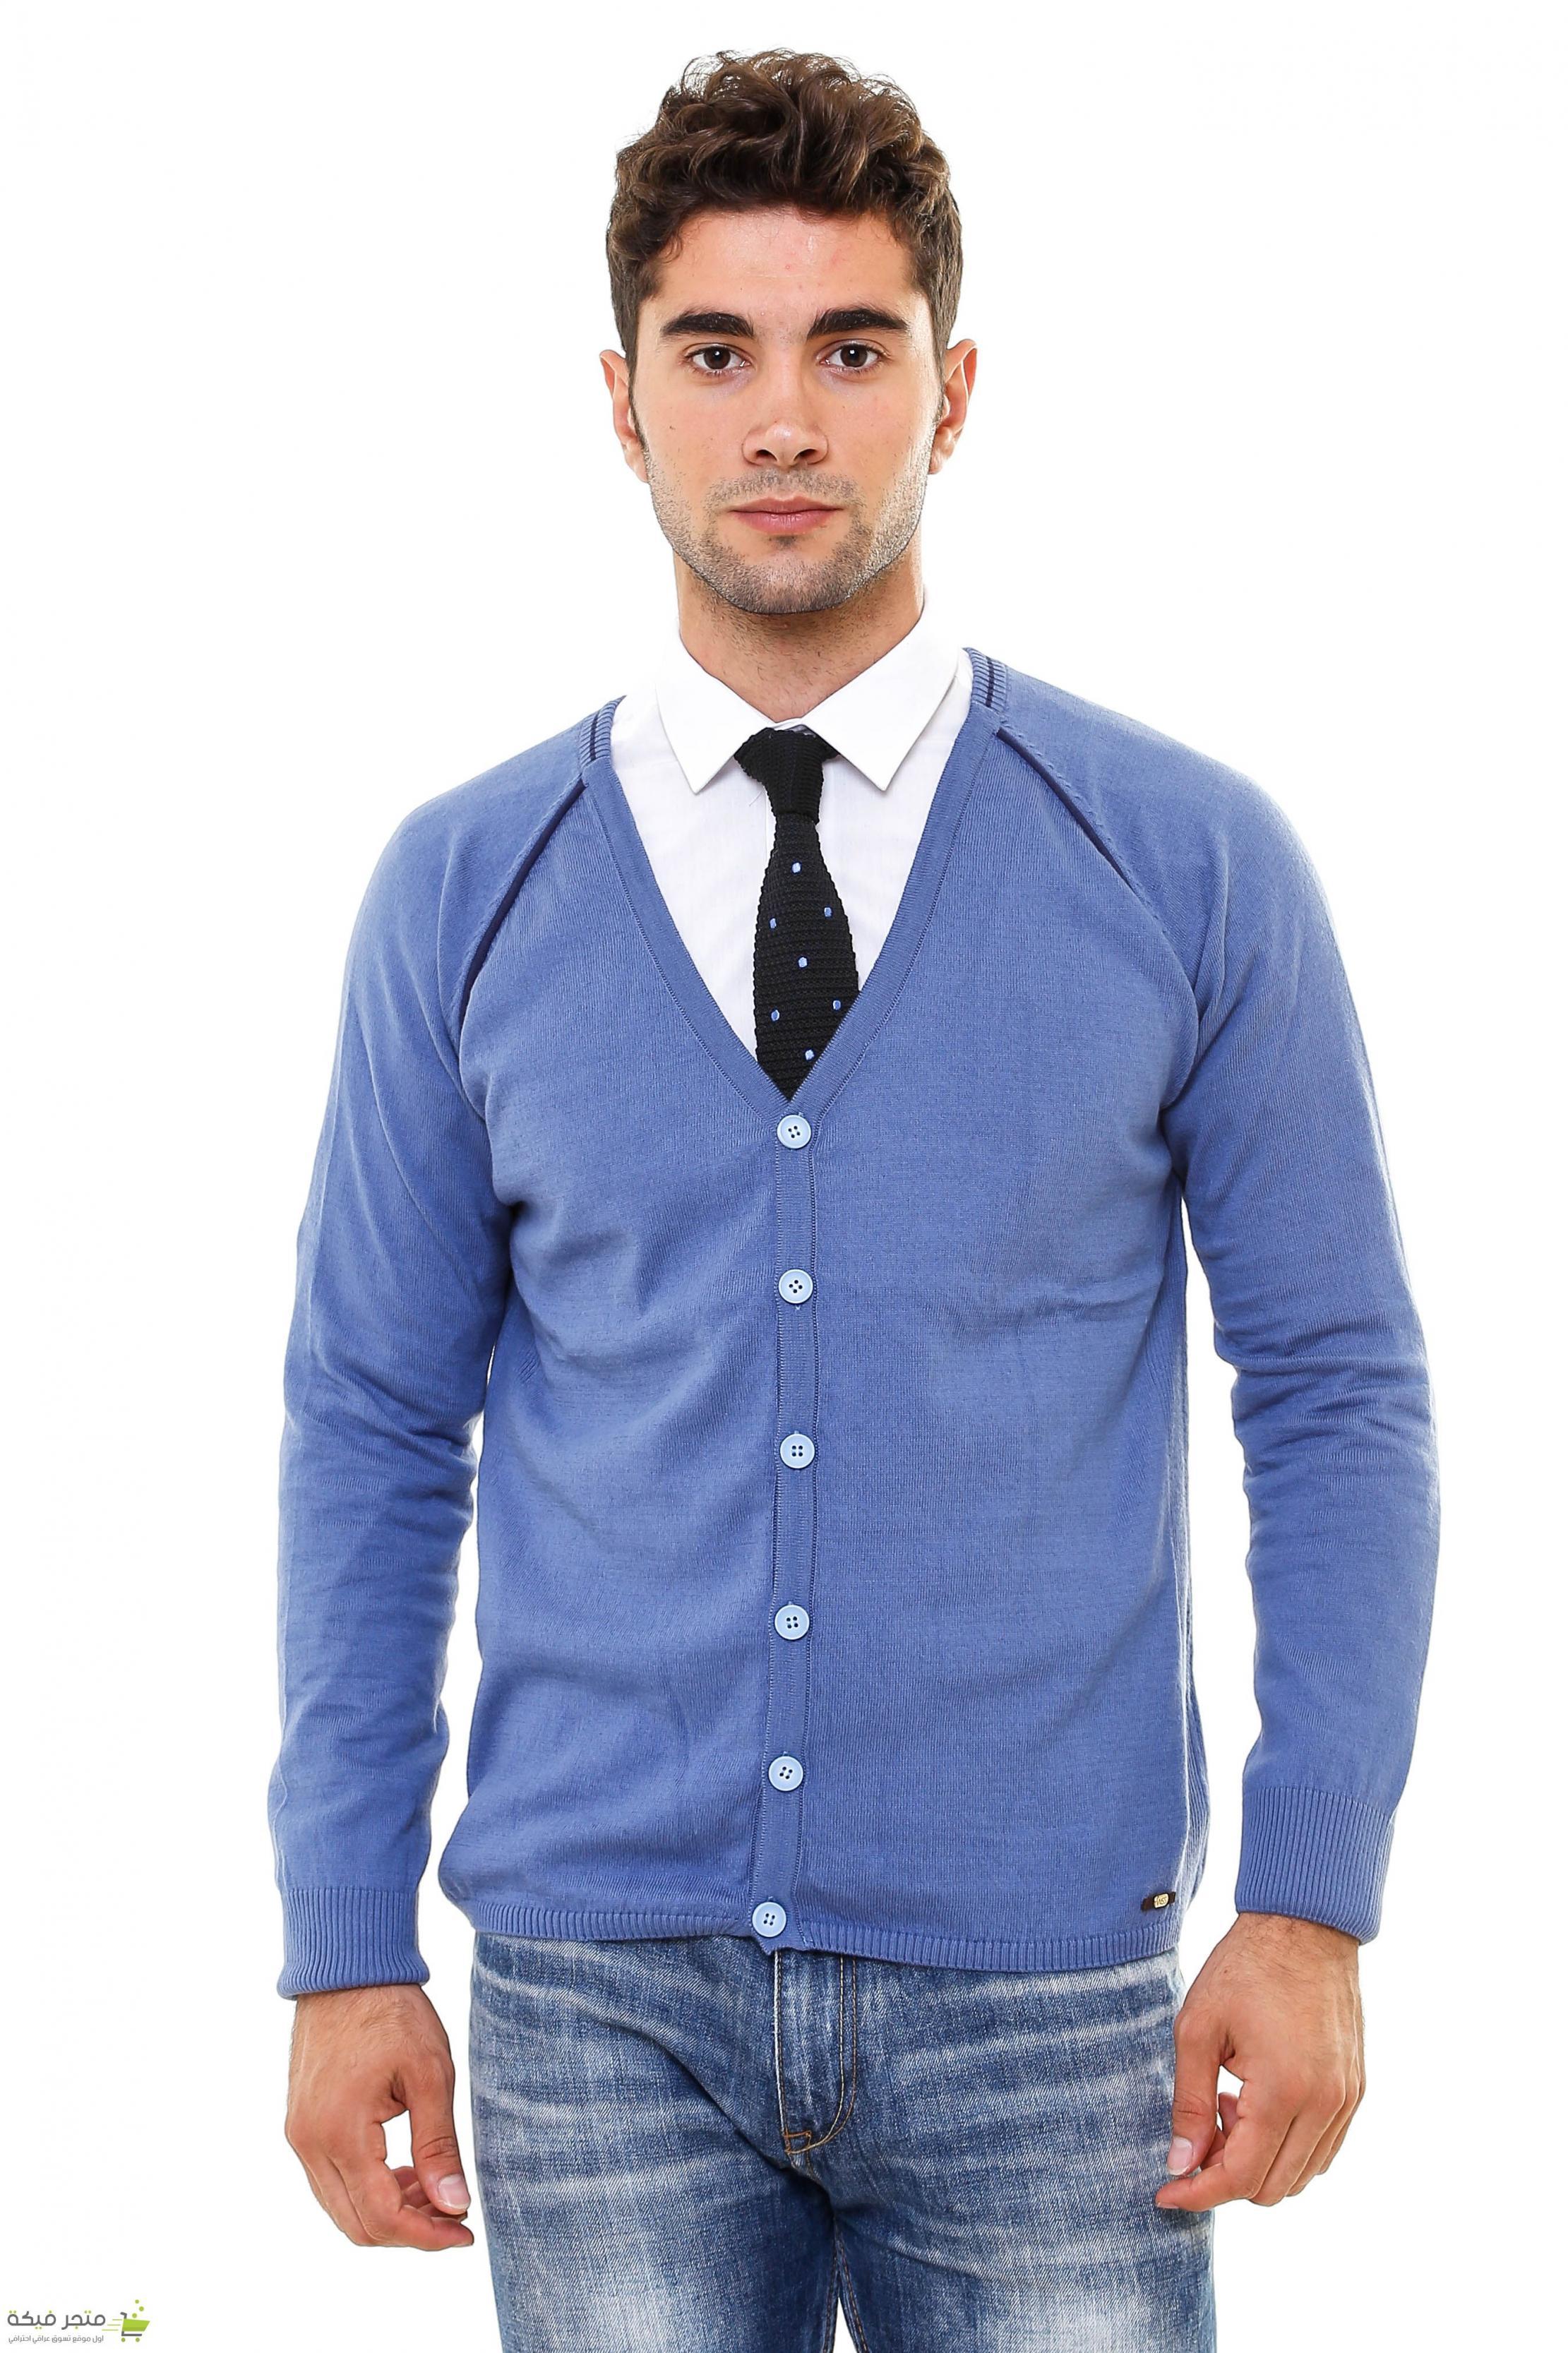 صور ملابس رجالية , تعرف علي اشيك موديلات الملابس الرجالي